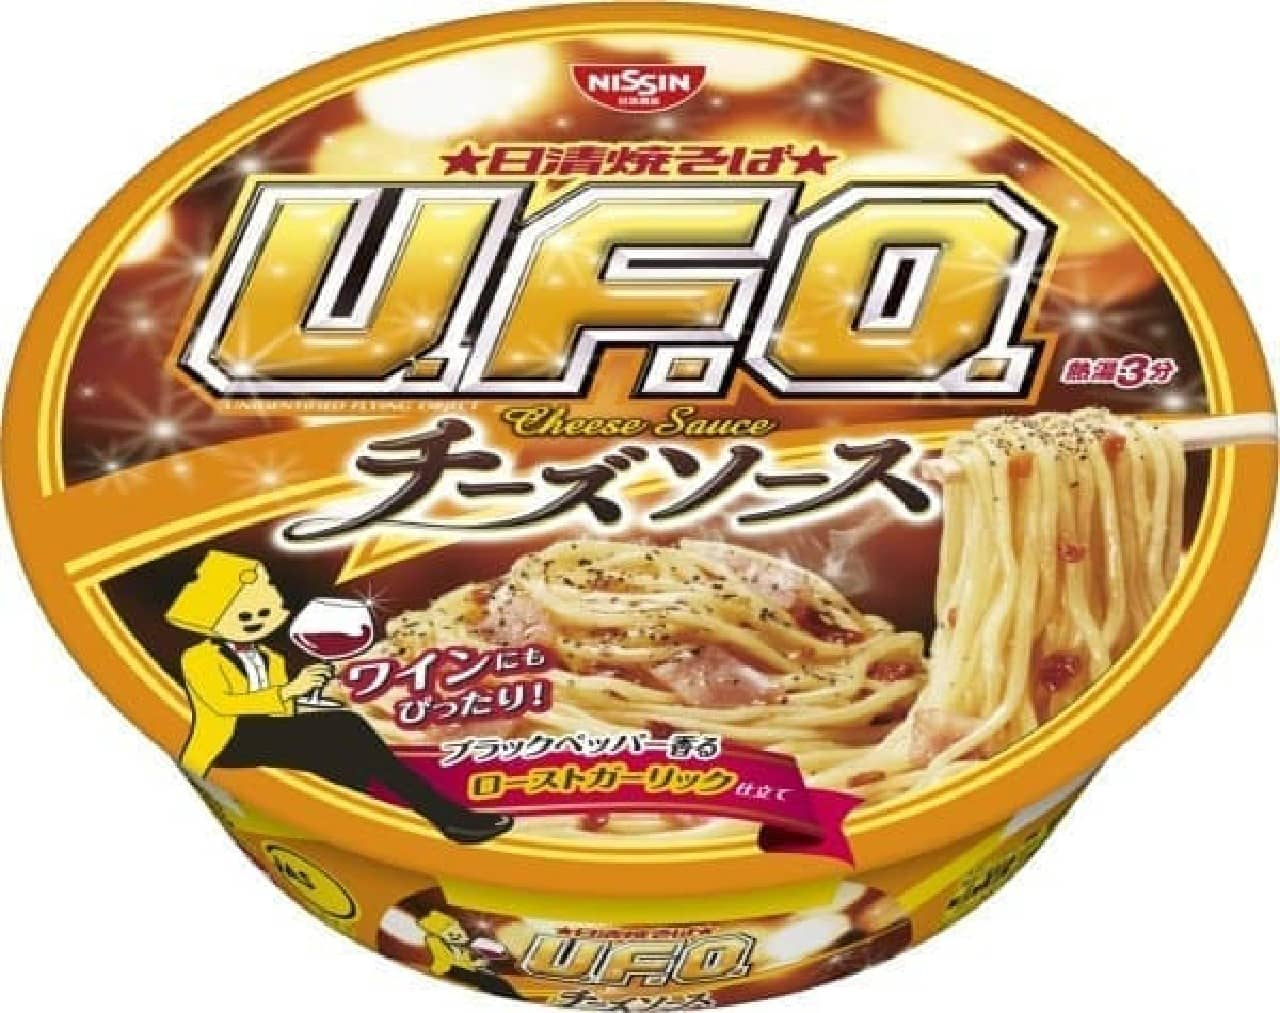 日清食品「日清焼そばU.F.O. チーズソース ローストガーリック仕立て」